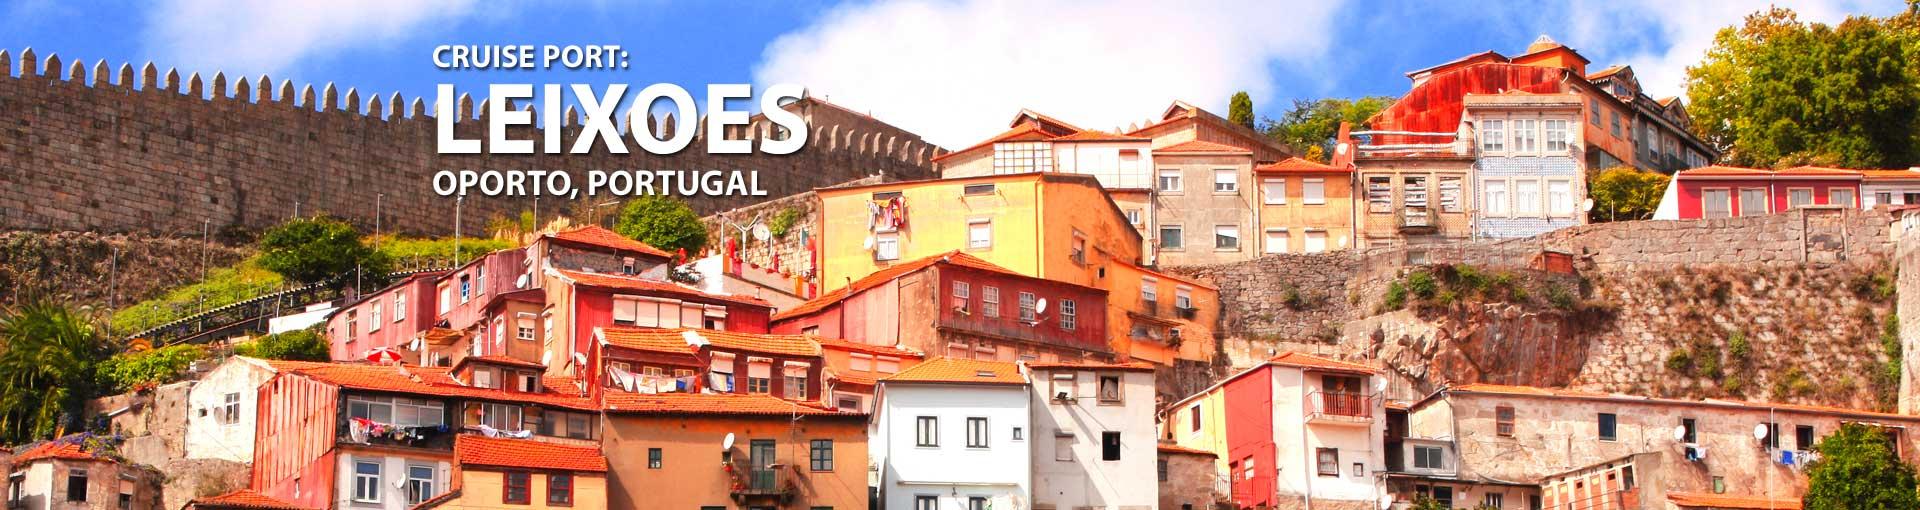 Cruises to Leixoes, Porto, Portugal